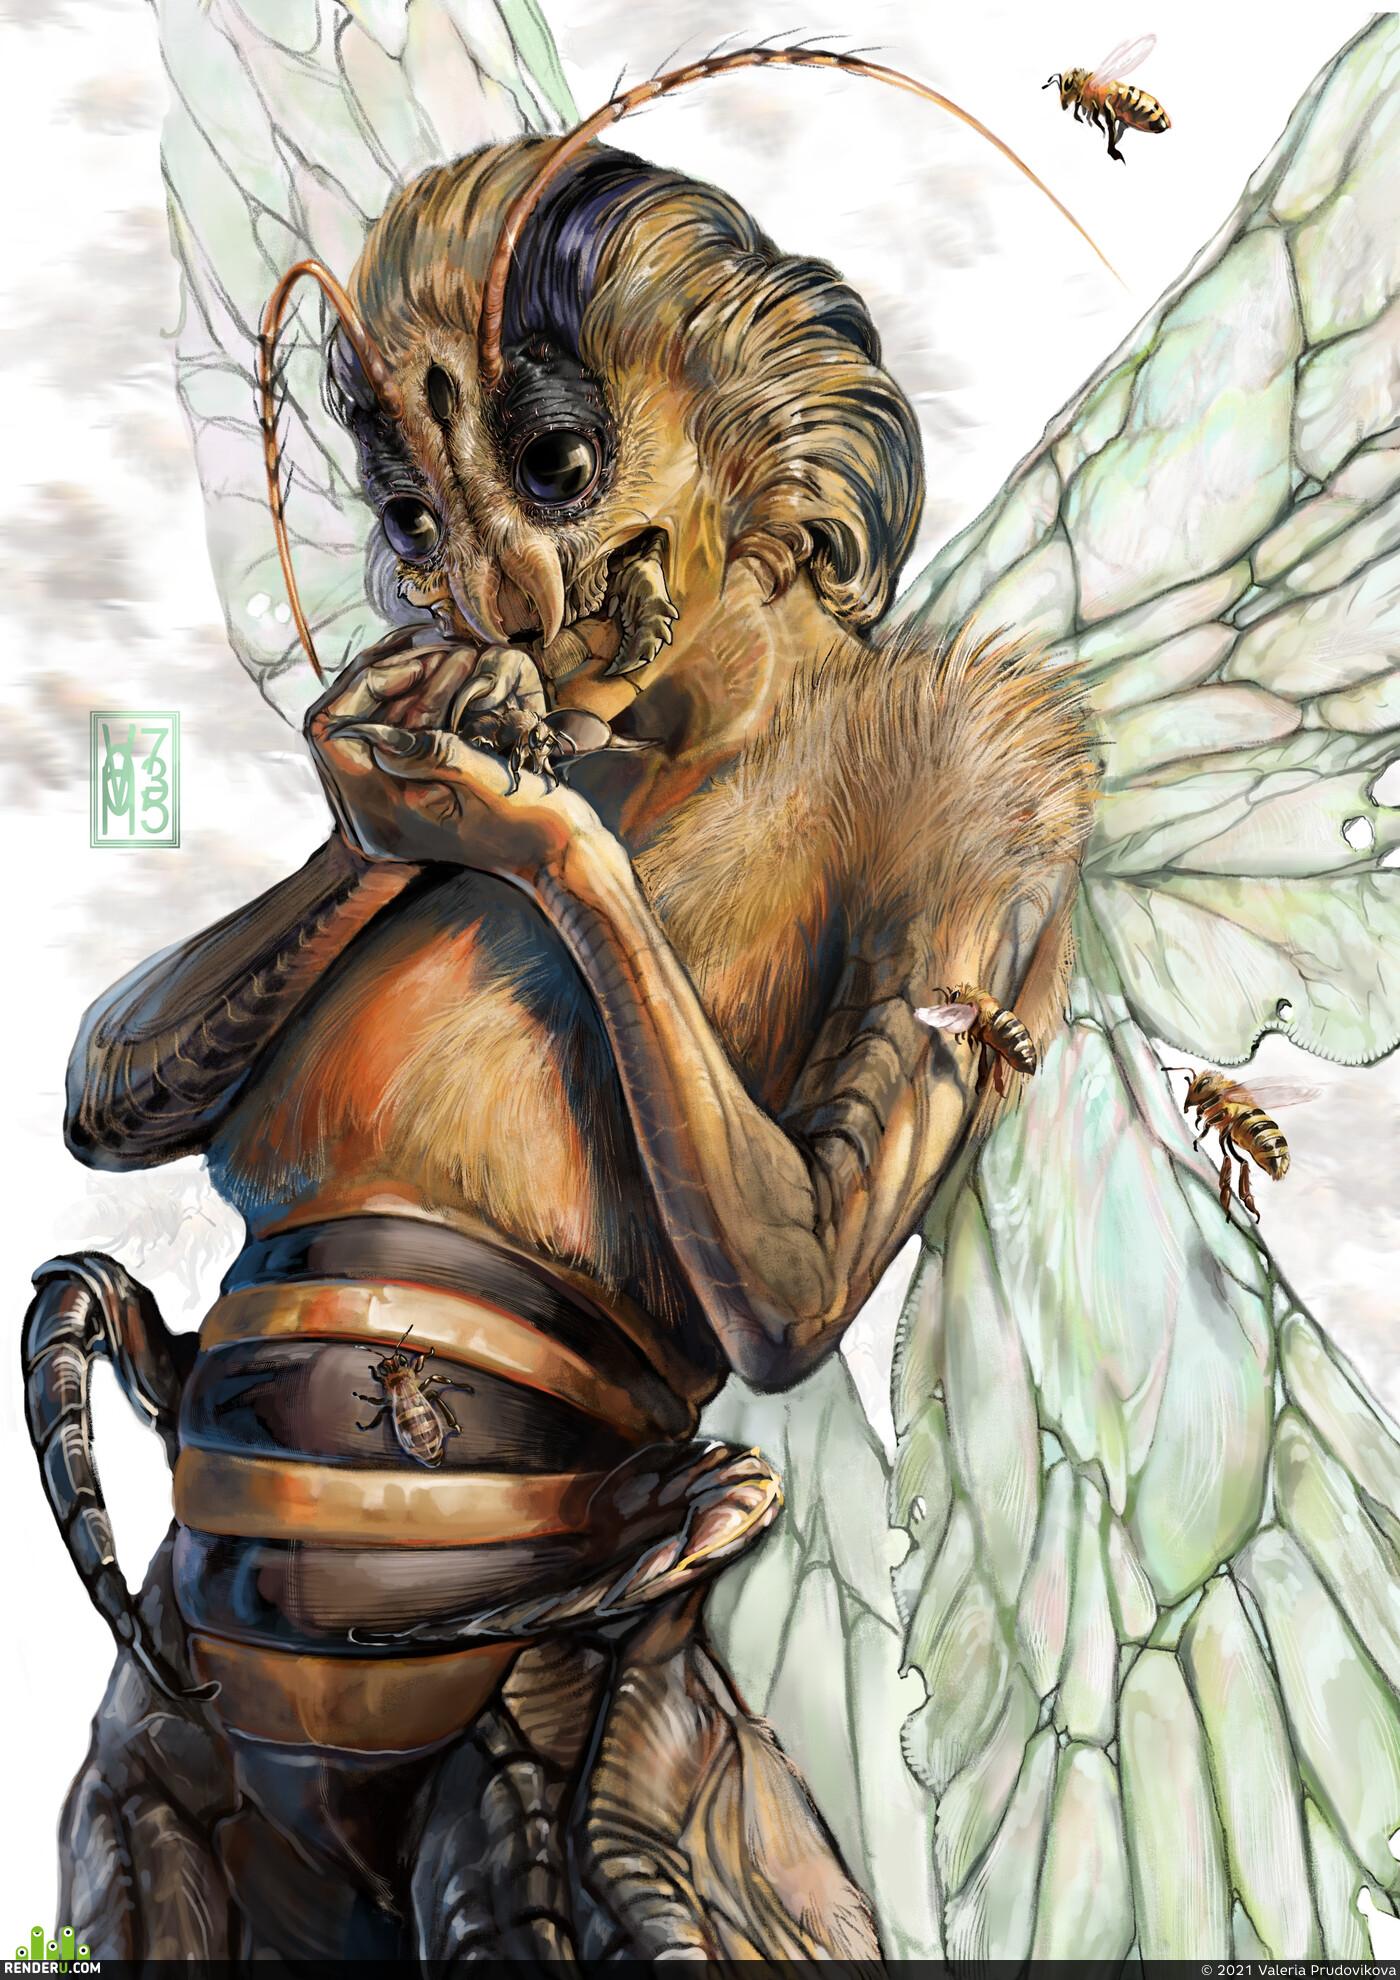 насекомые, королева насекомых, Хуманизация